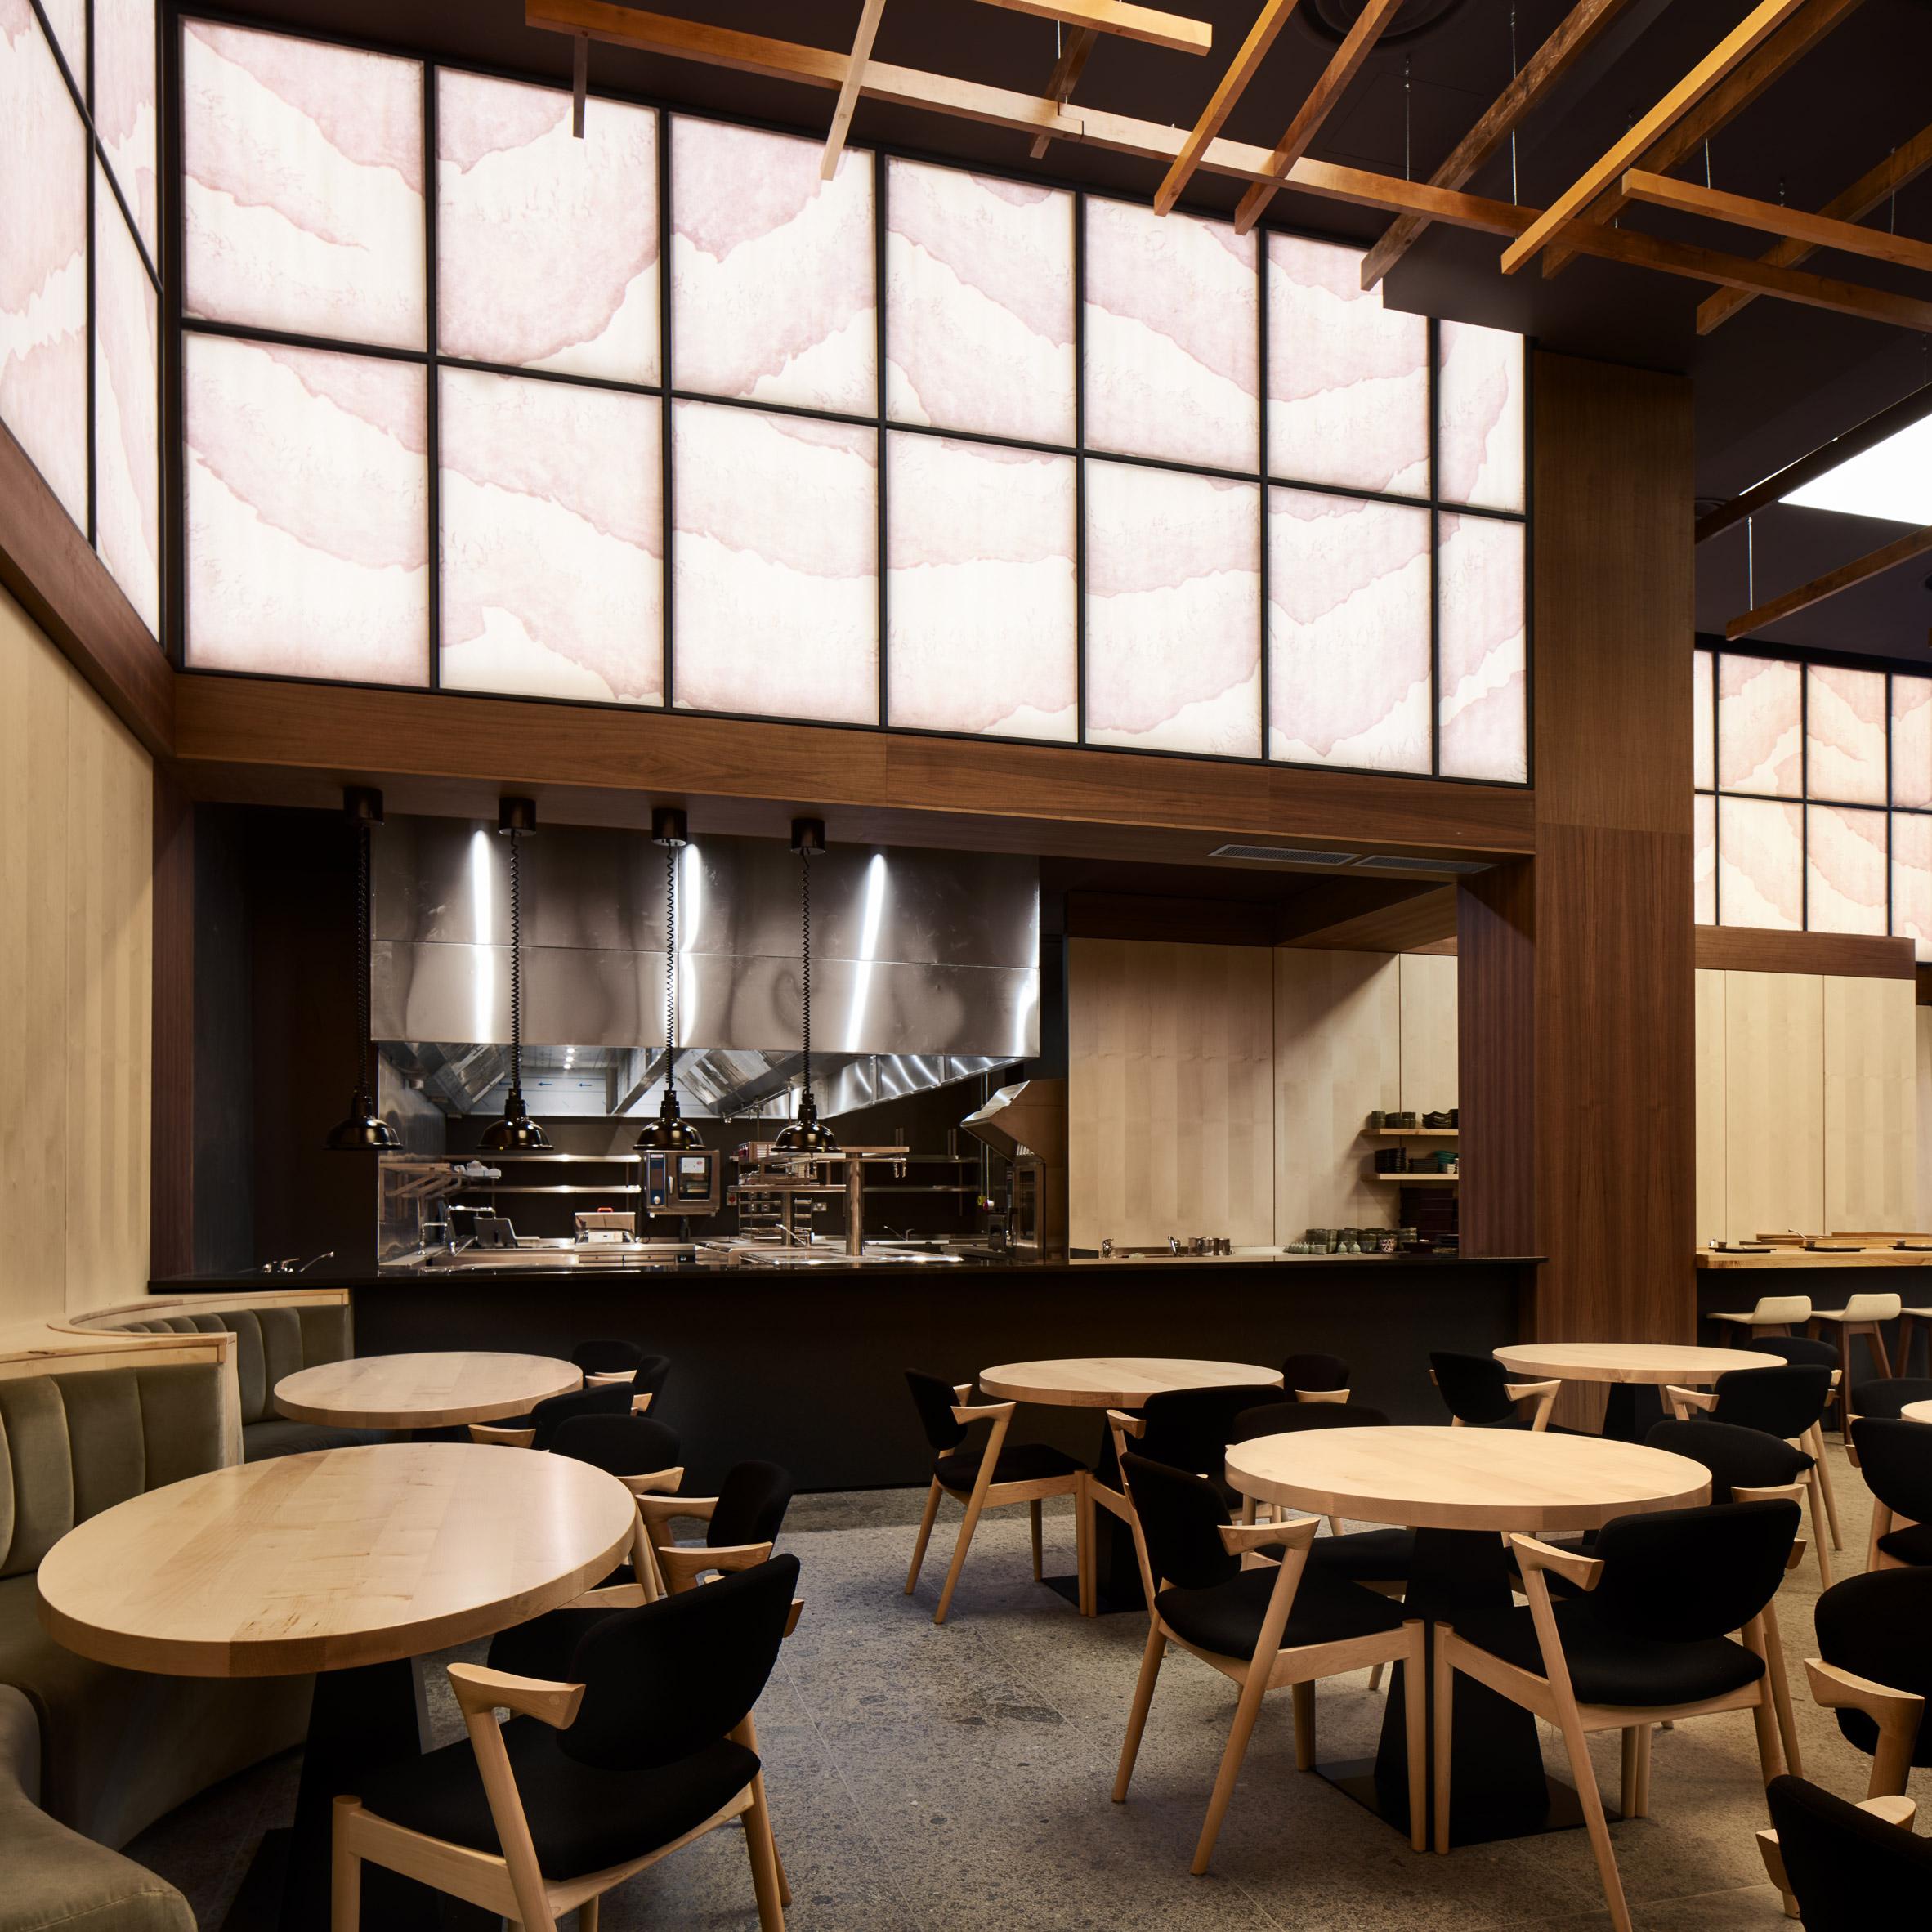 Thiết kế nội thất nhà hàng Nhật Bàn 5